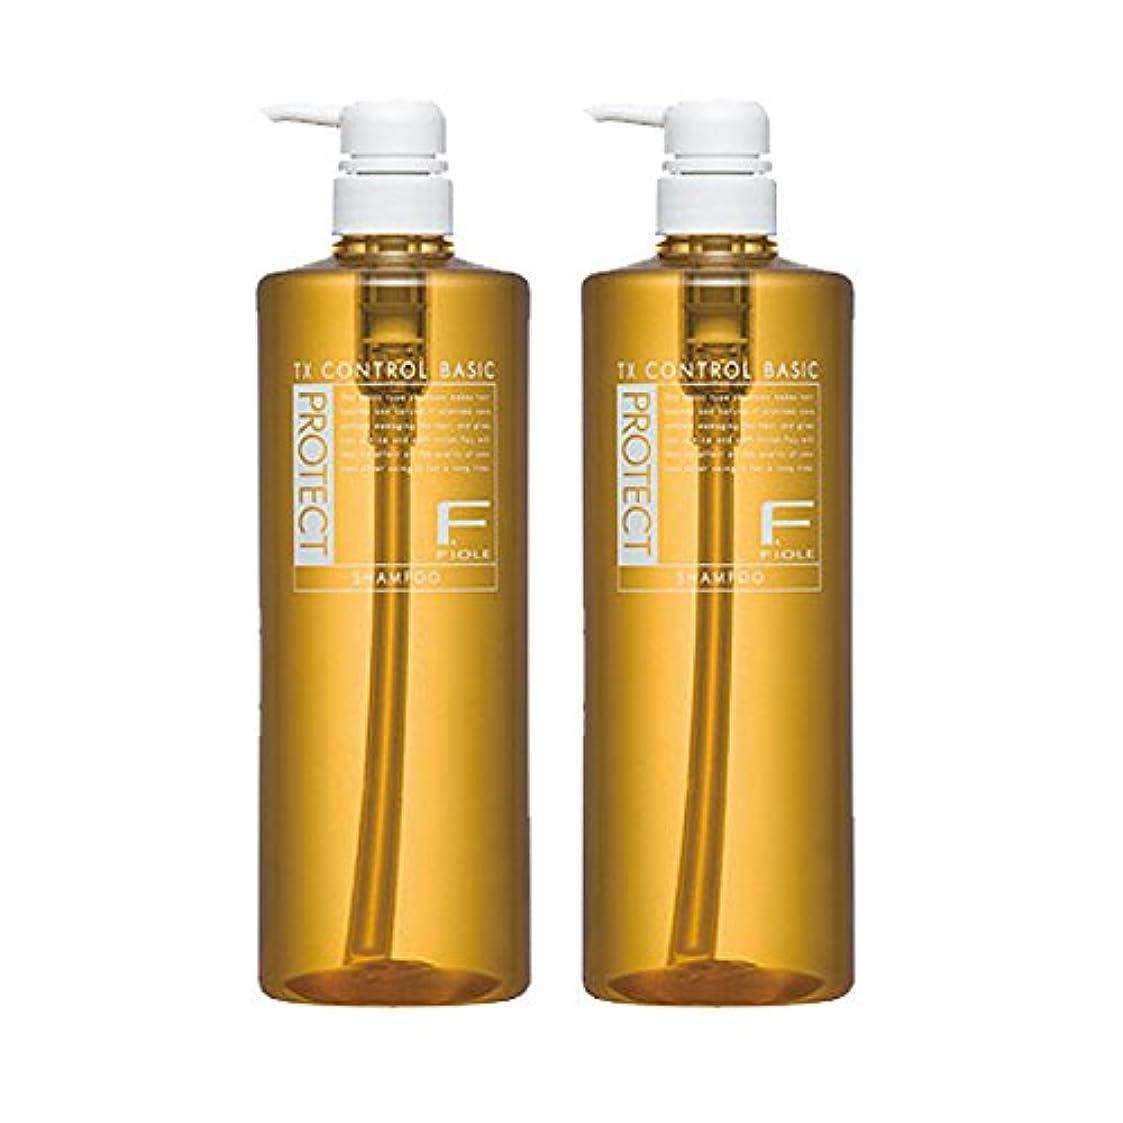 熟達したオレンジ世代フィヨーレ Fプロテクト ベーシックタイプ シャンプー 1000mL ボトルタイプ × 2個 セット fiole